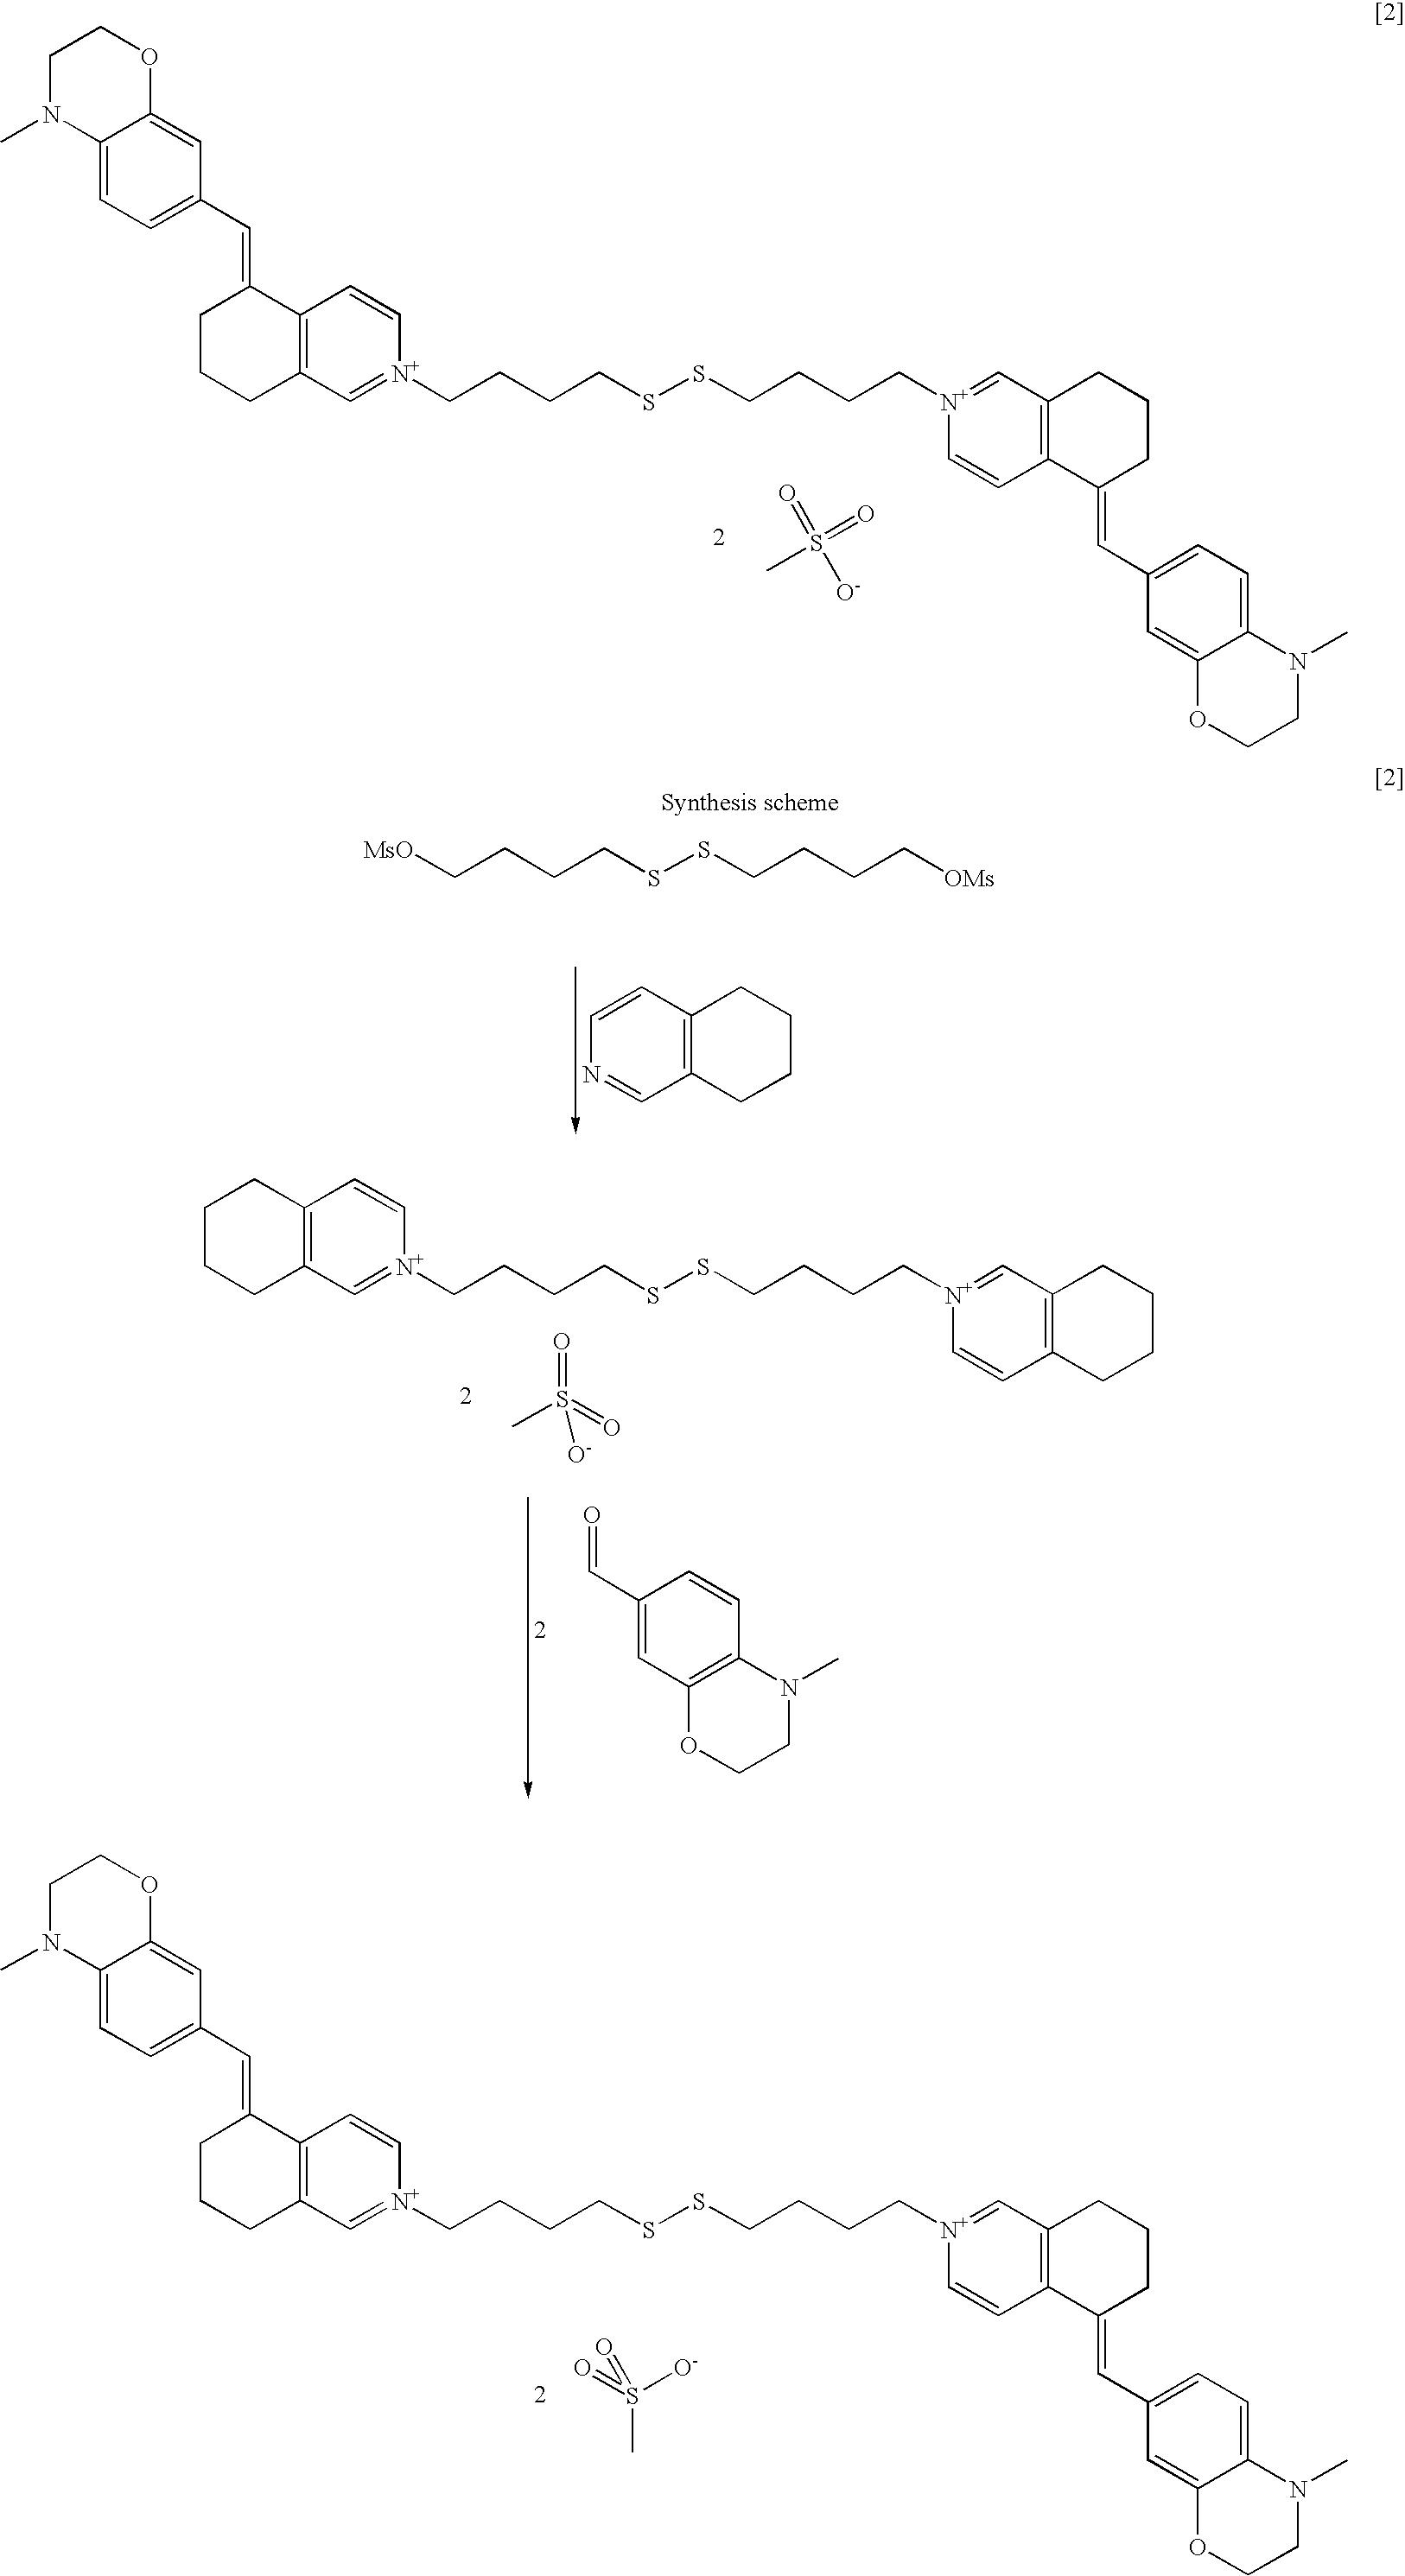 Figure US20090126125A1-20090521-C00032